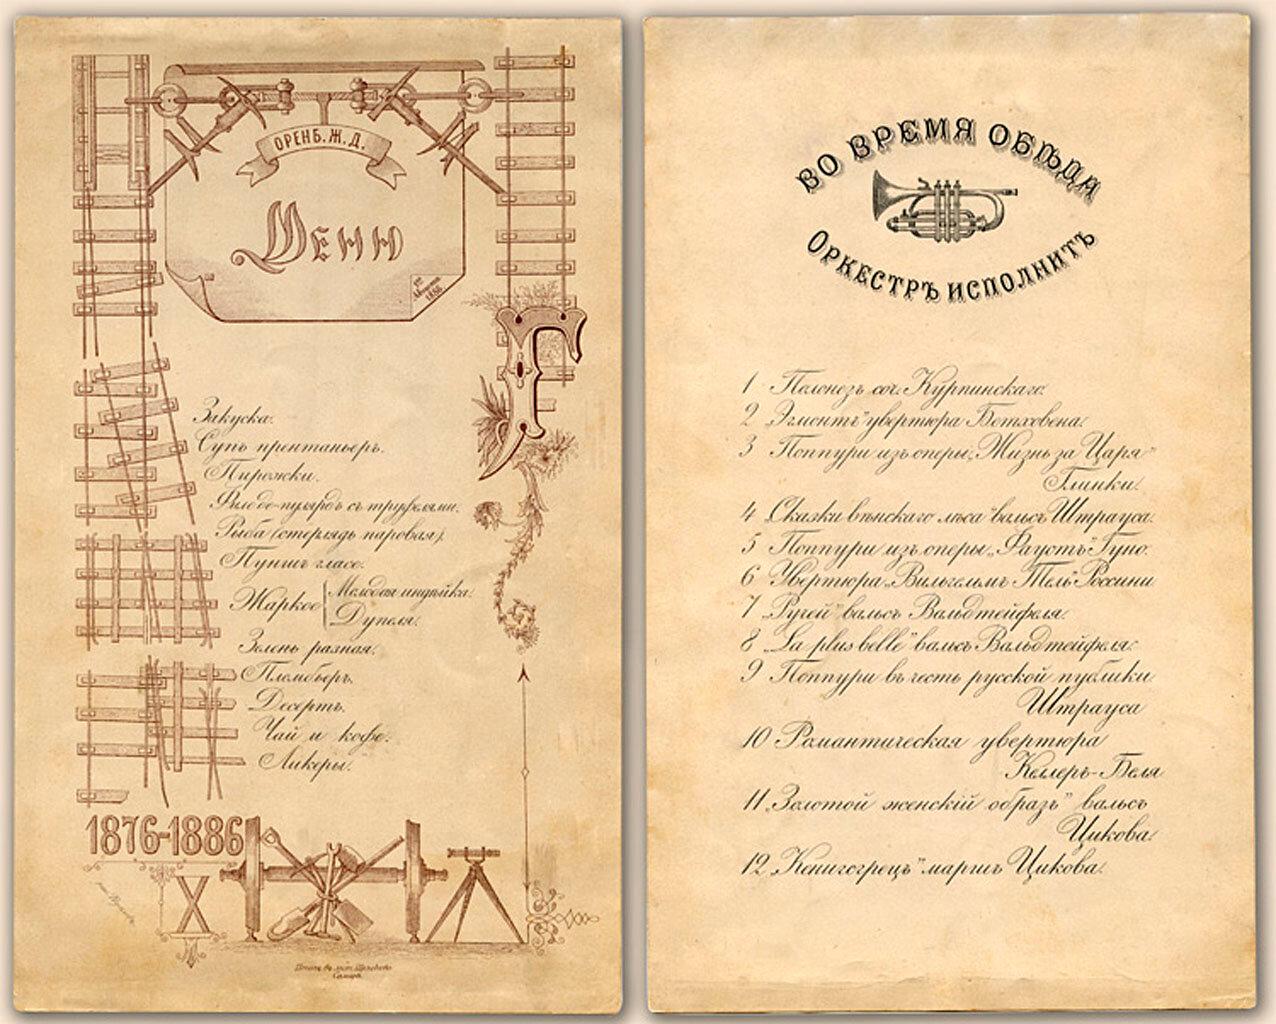 Меню обеда 1 августа 1886 г. в честь 10-летия Оренбургской железной дороги